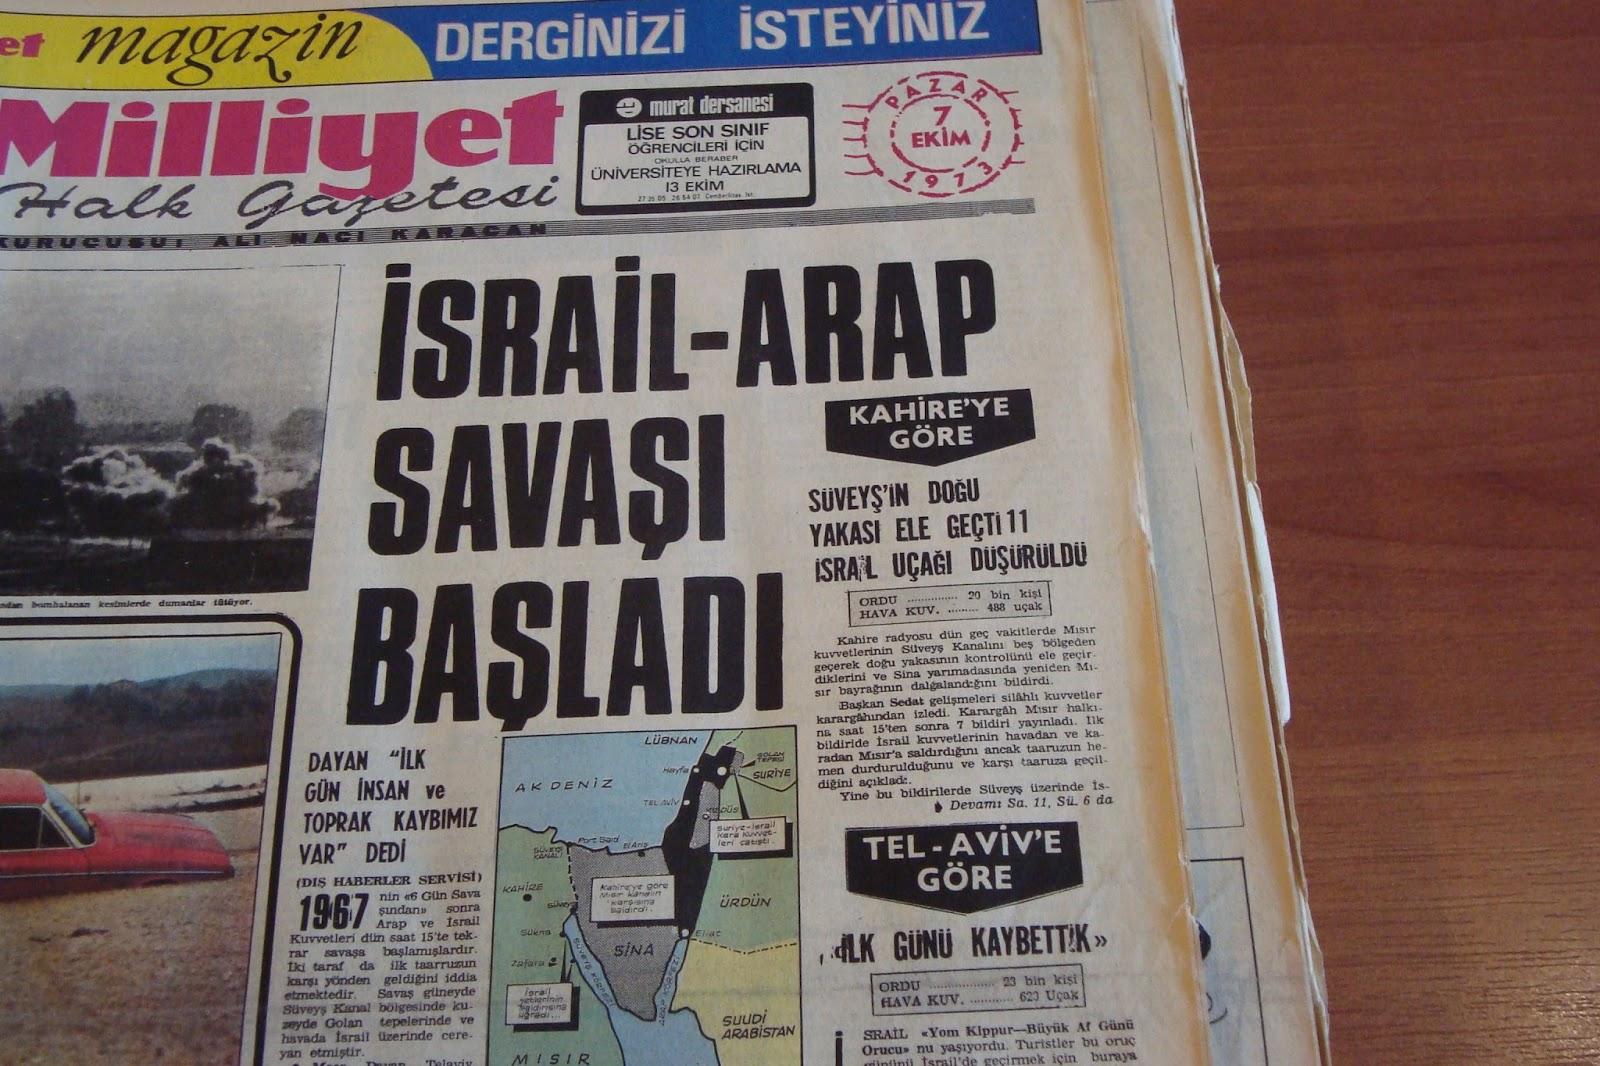 Arap-İsrail çatışması